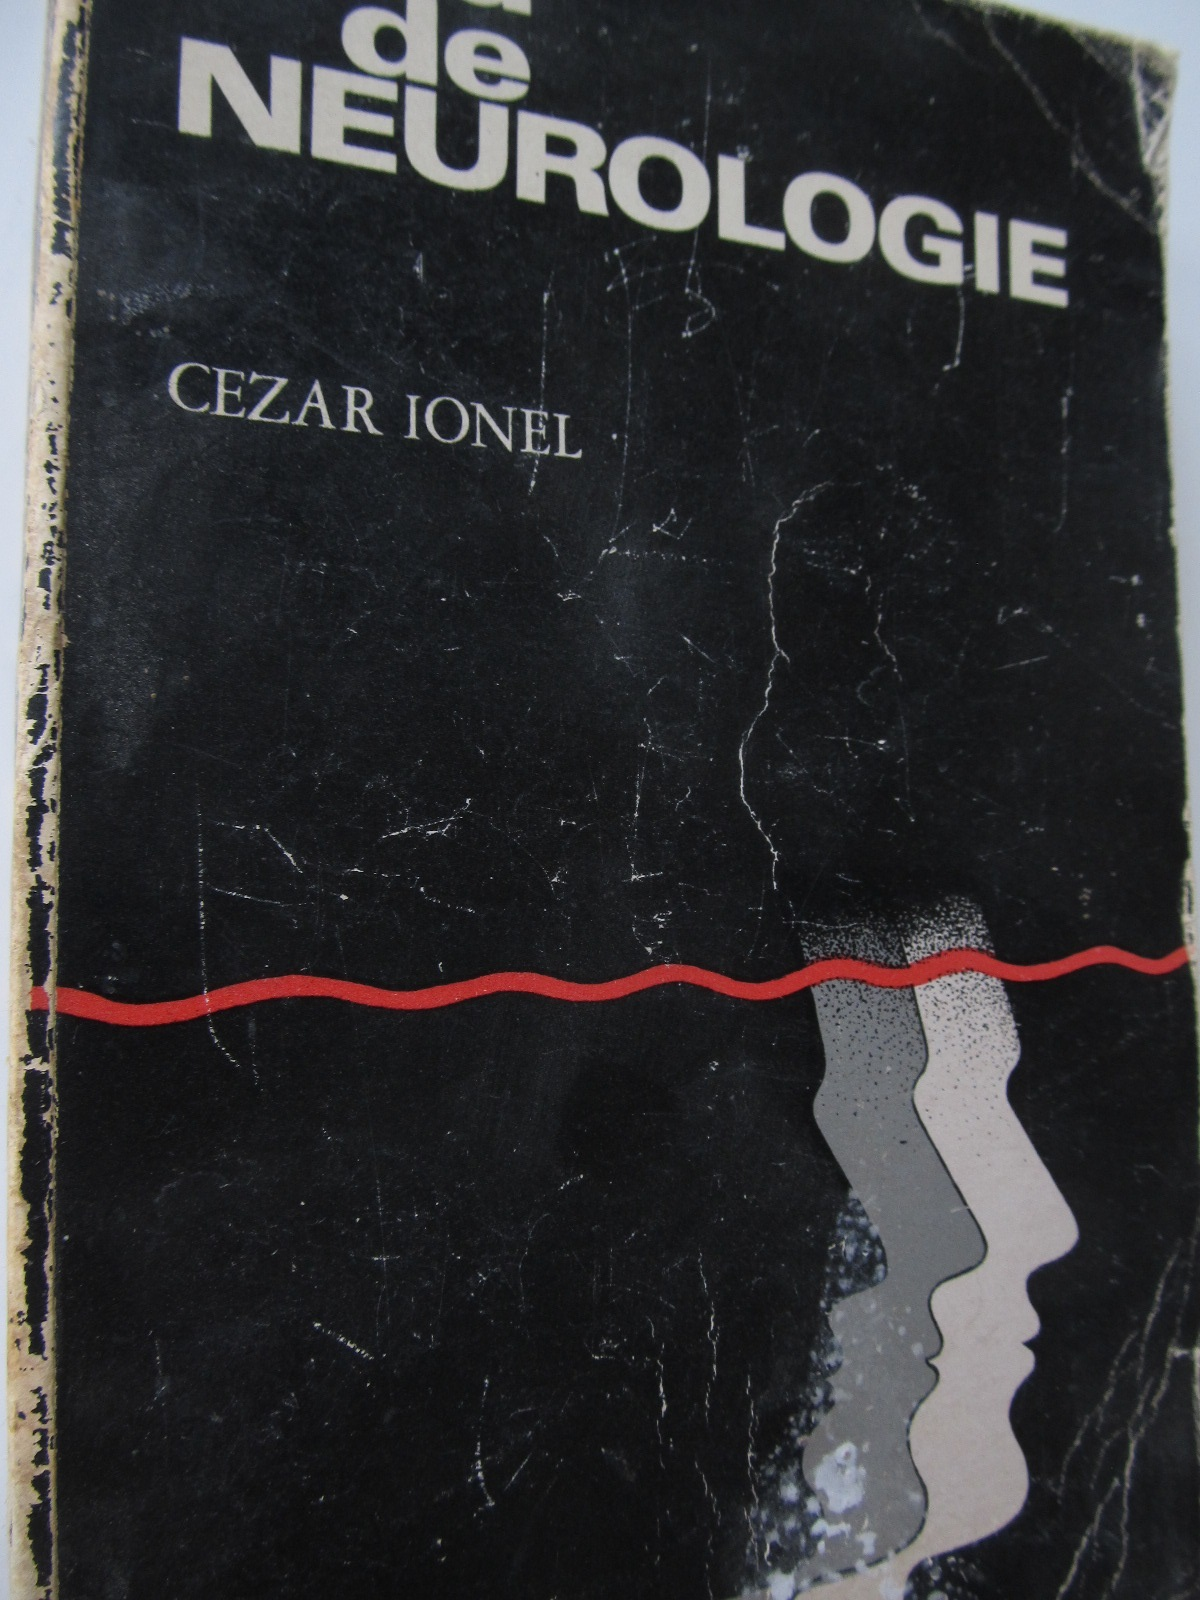 Carte Ghid de neurologie - Cezar Ionel